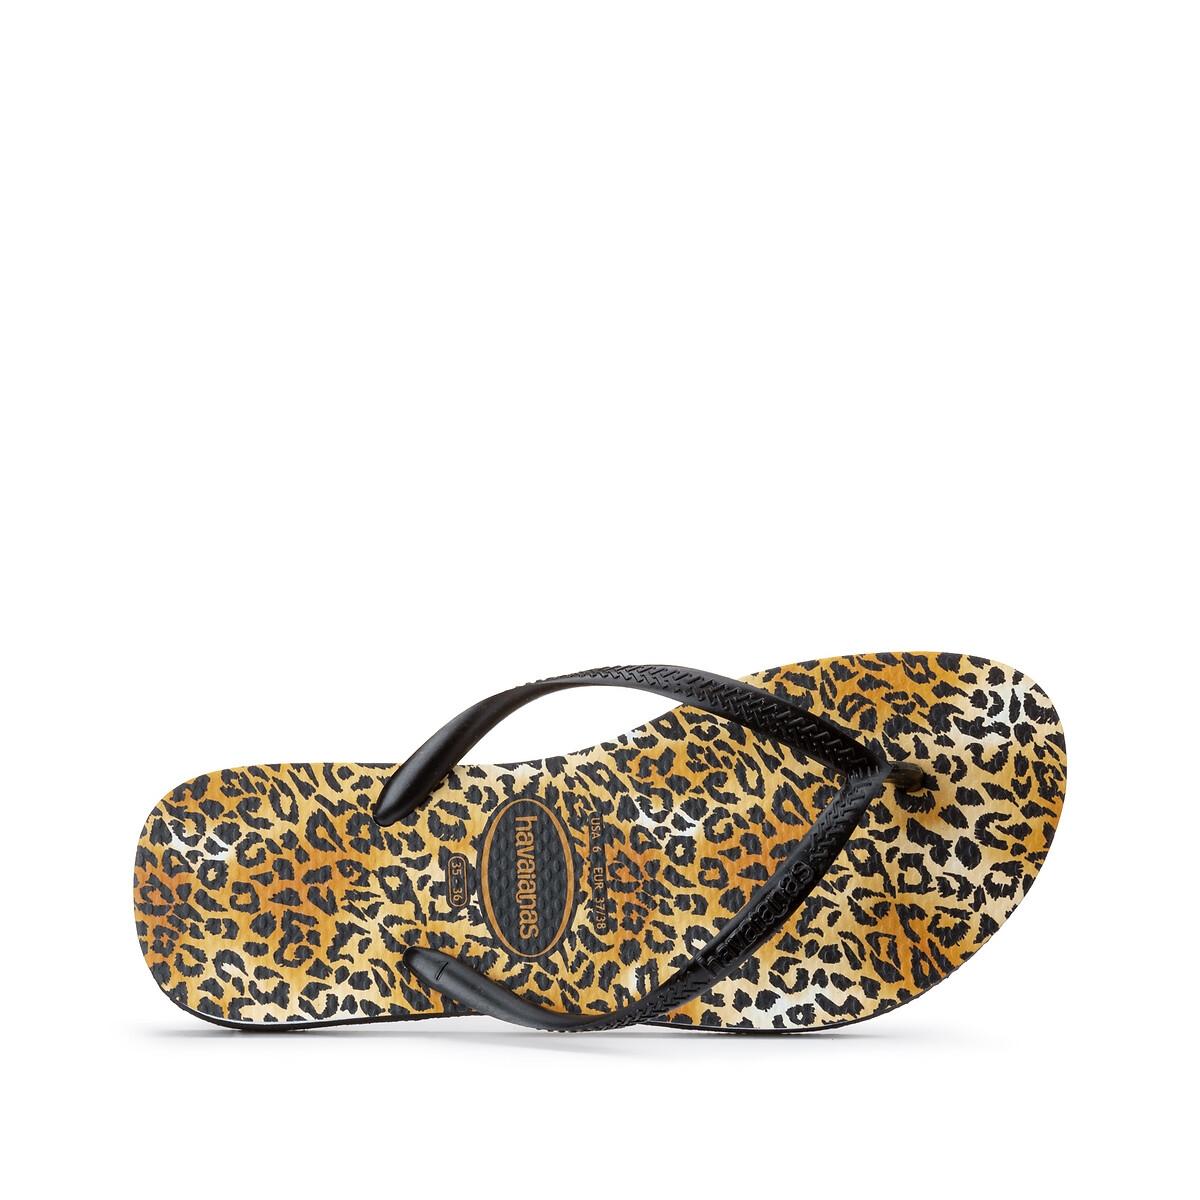 Havaianas Slim Leopard teenslippers met panterprint online kopen